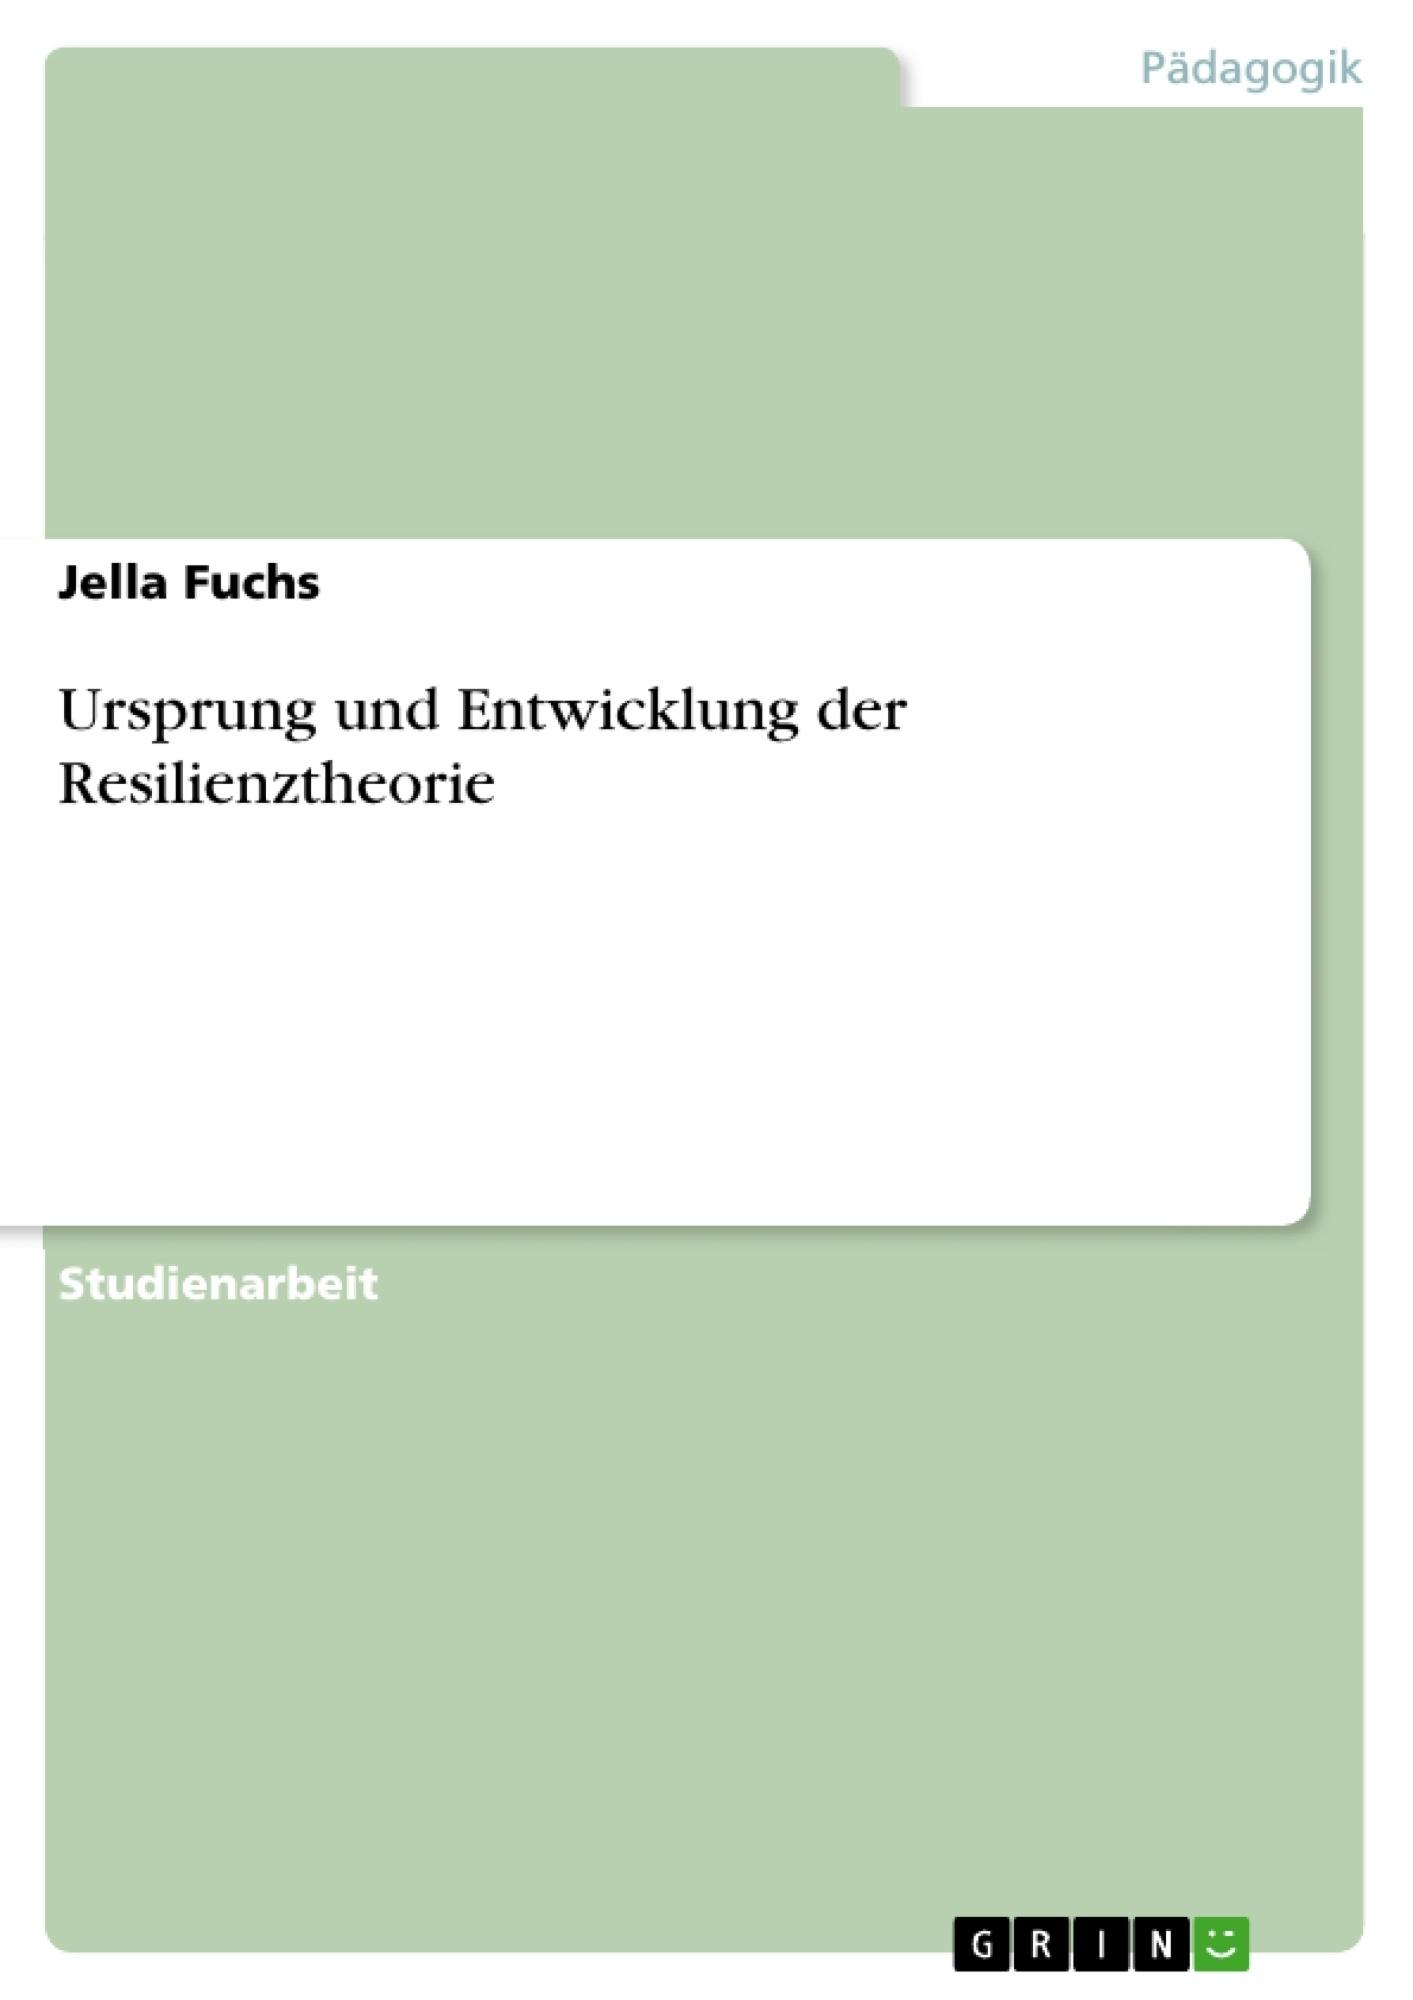 Titel: Ursprung und Entwicklung der Resilienztheorie